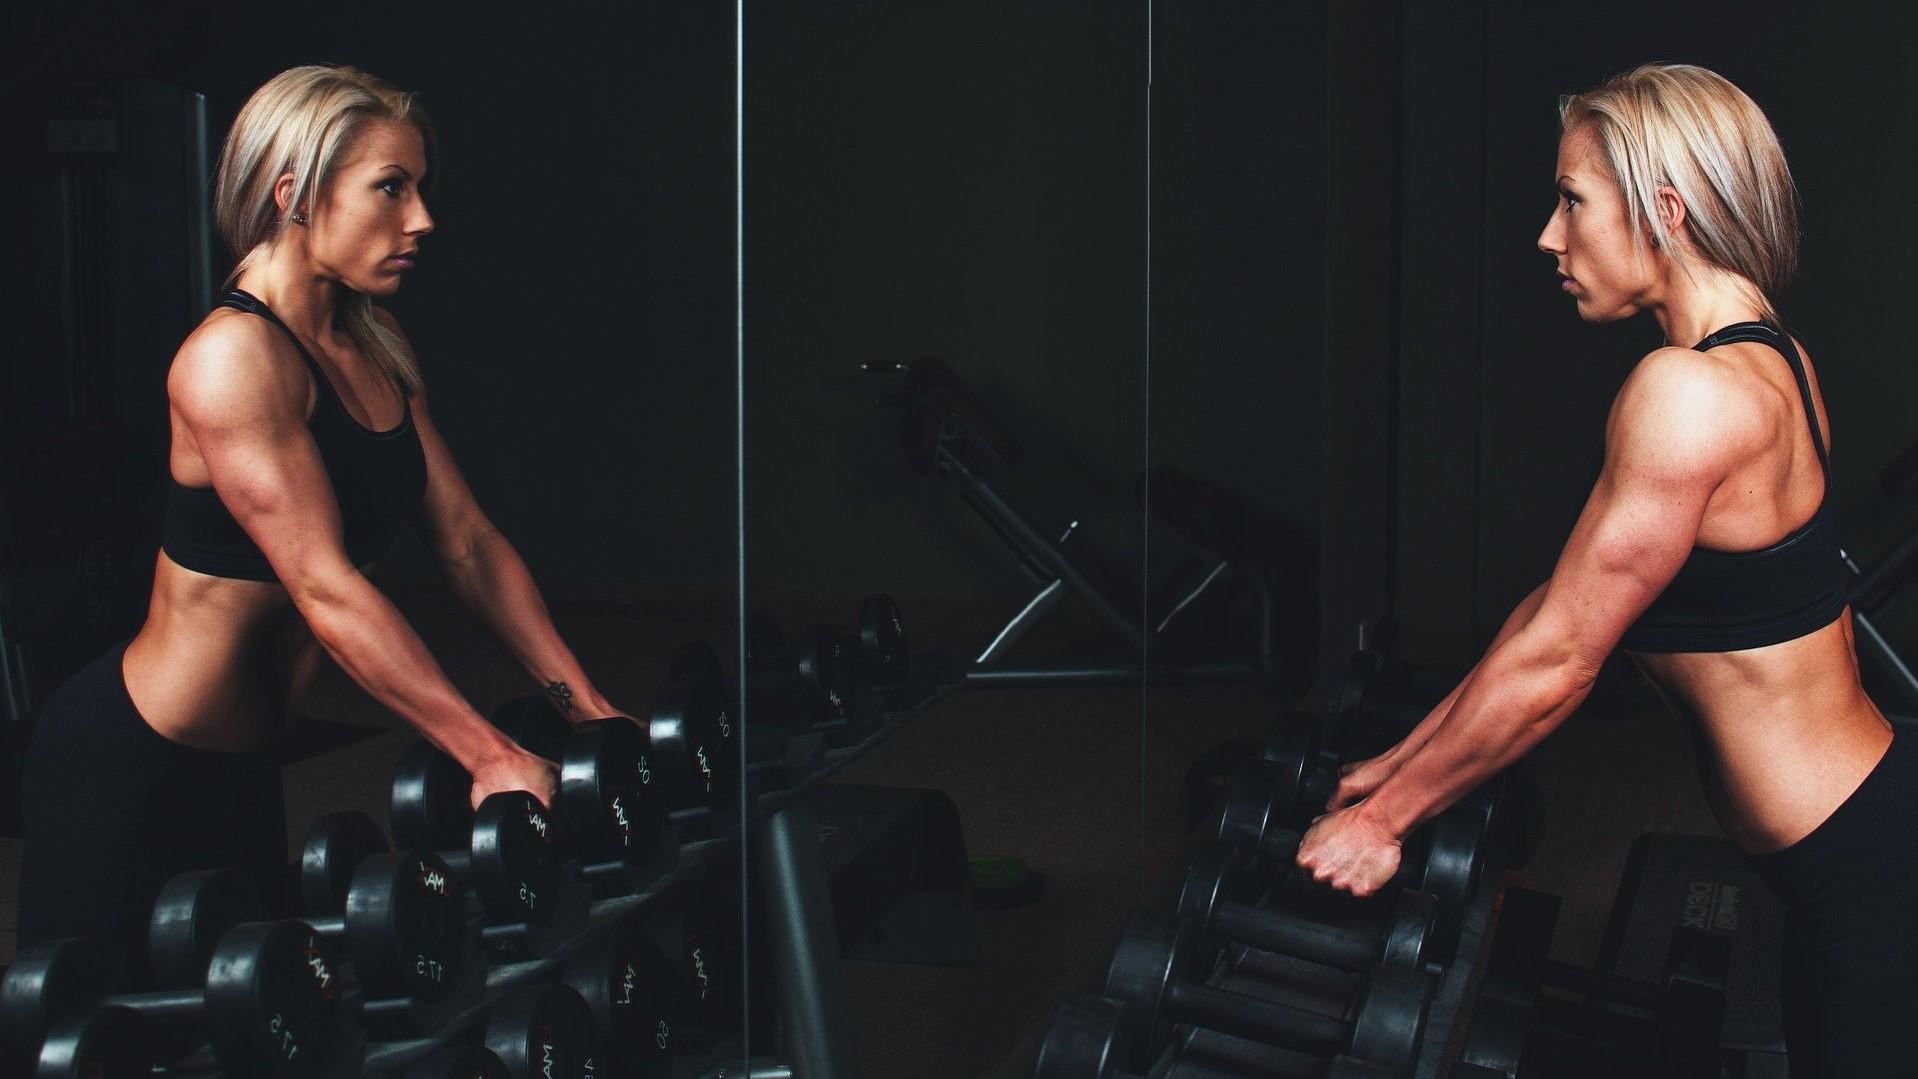 Megmutatjuk, hogy a járvány után hogyan kezdd újra az edzést